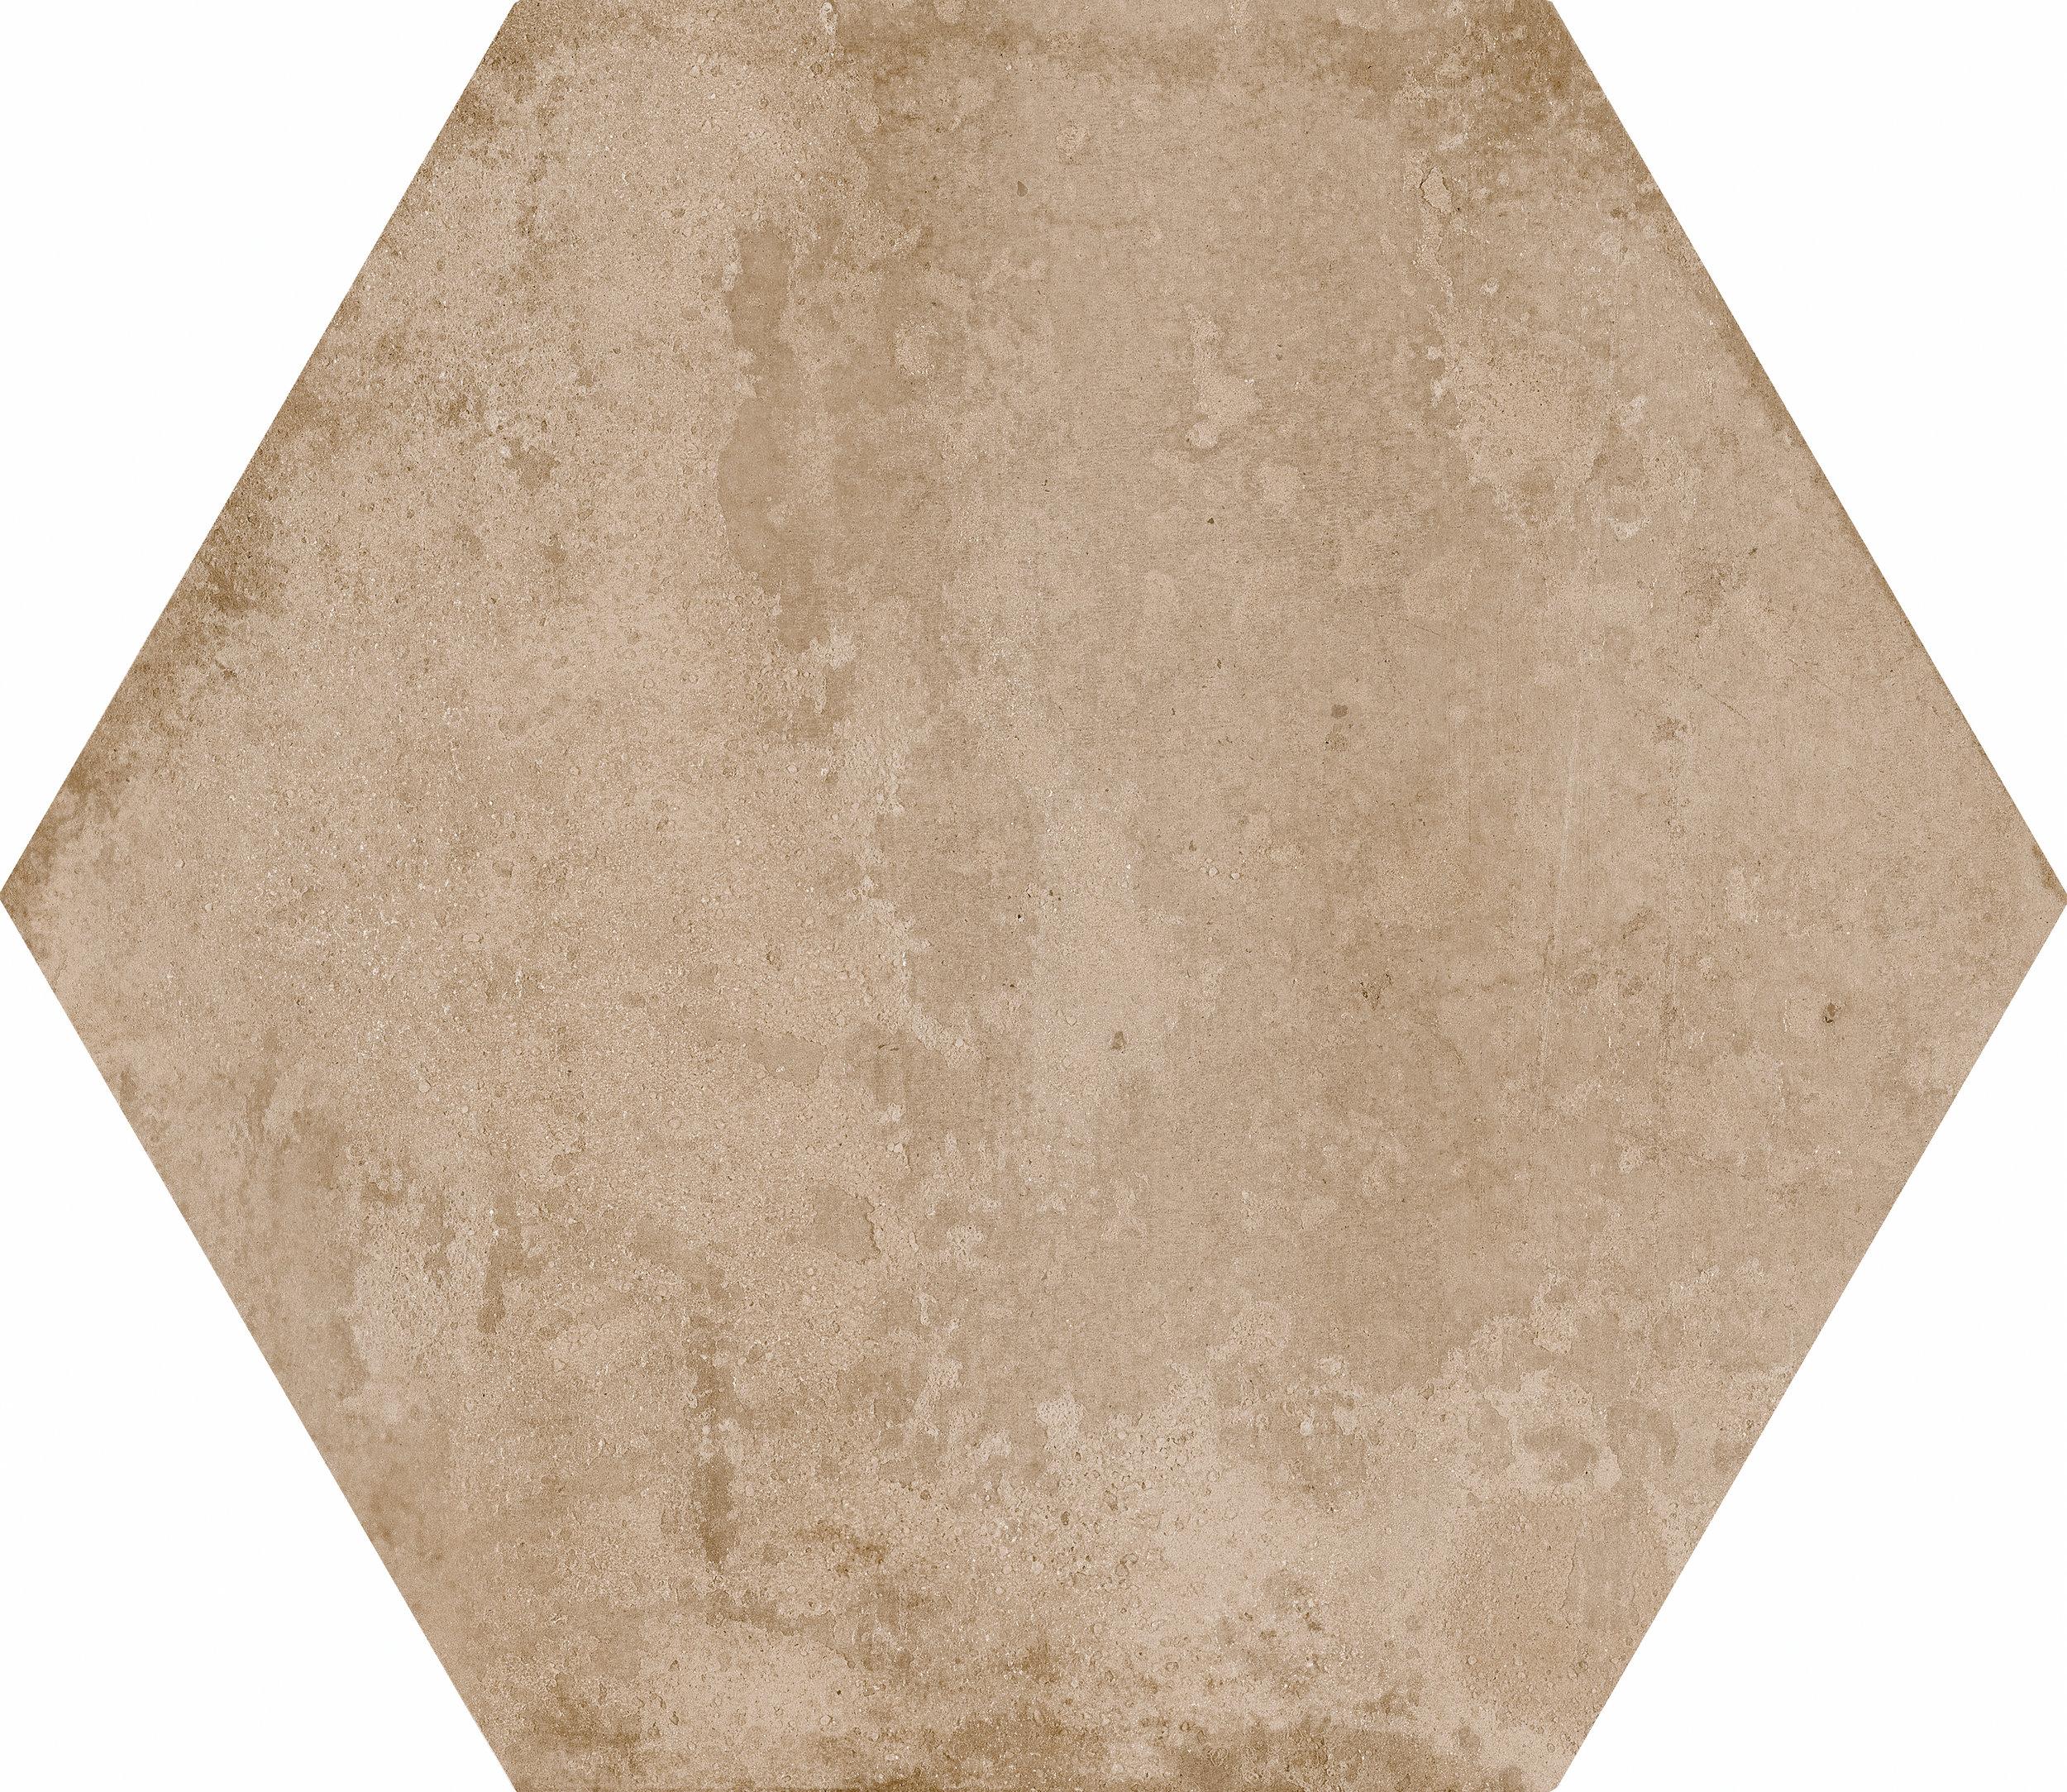 Urban Hexagon Nut  29.2 x 25.4 cm